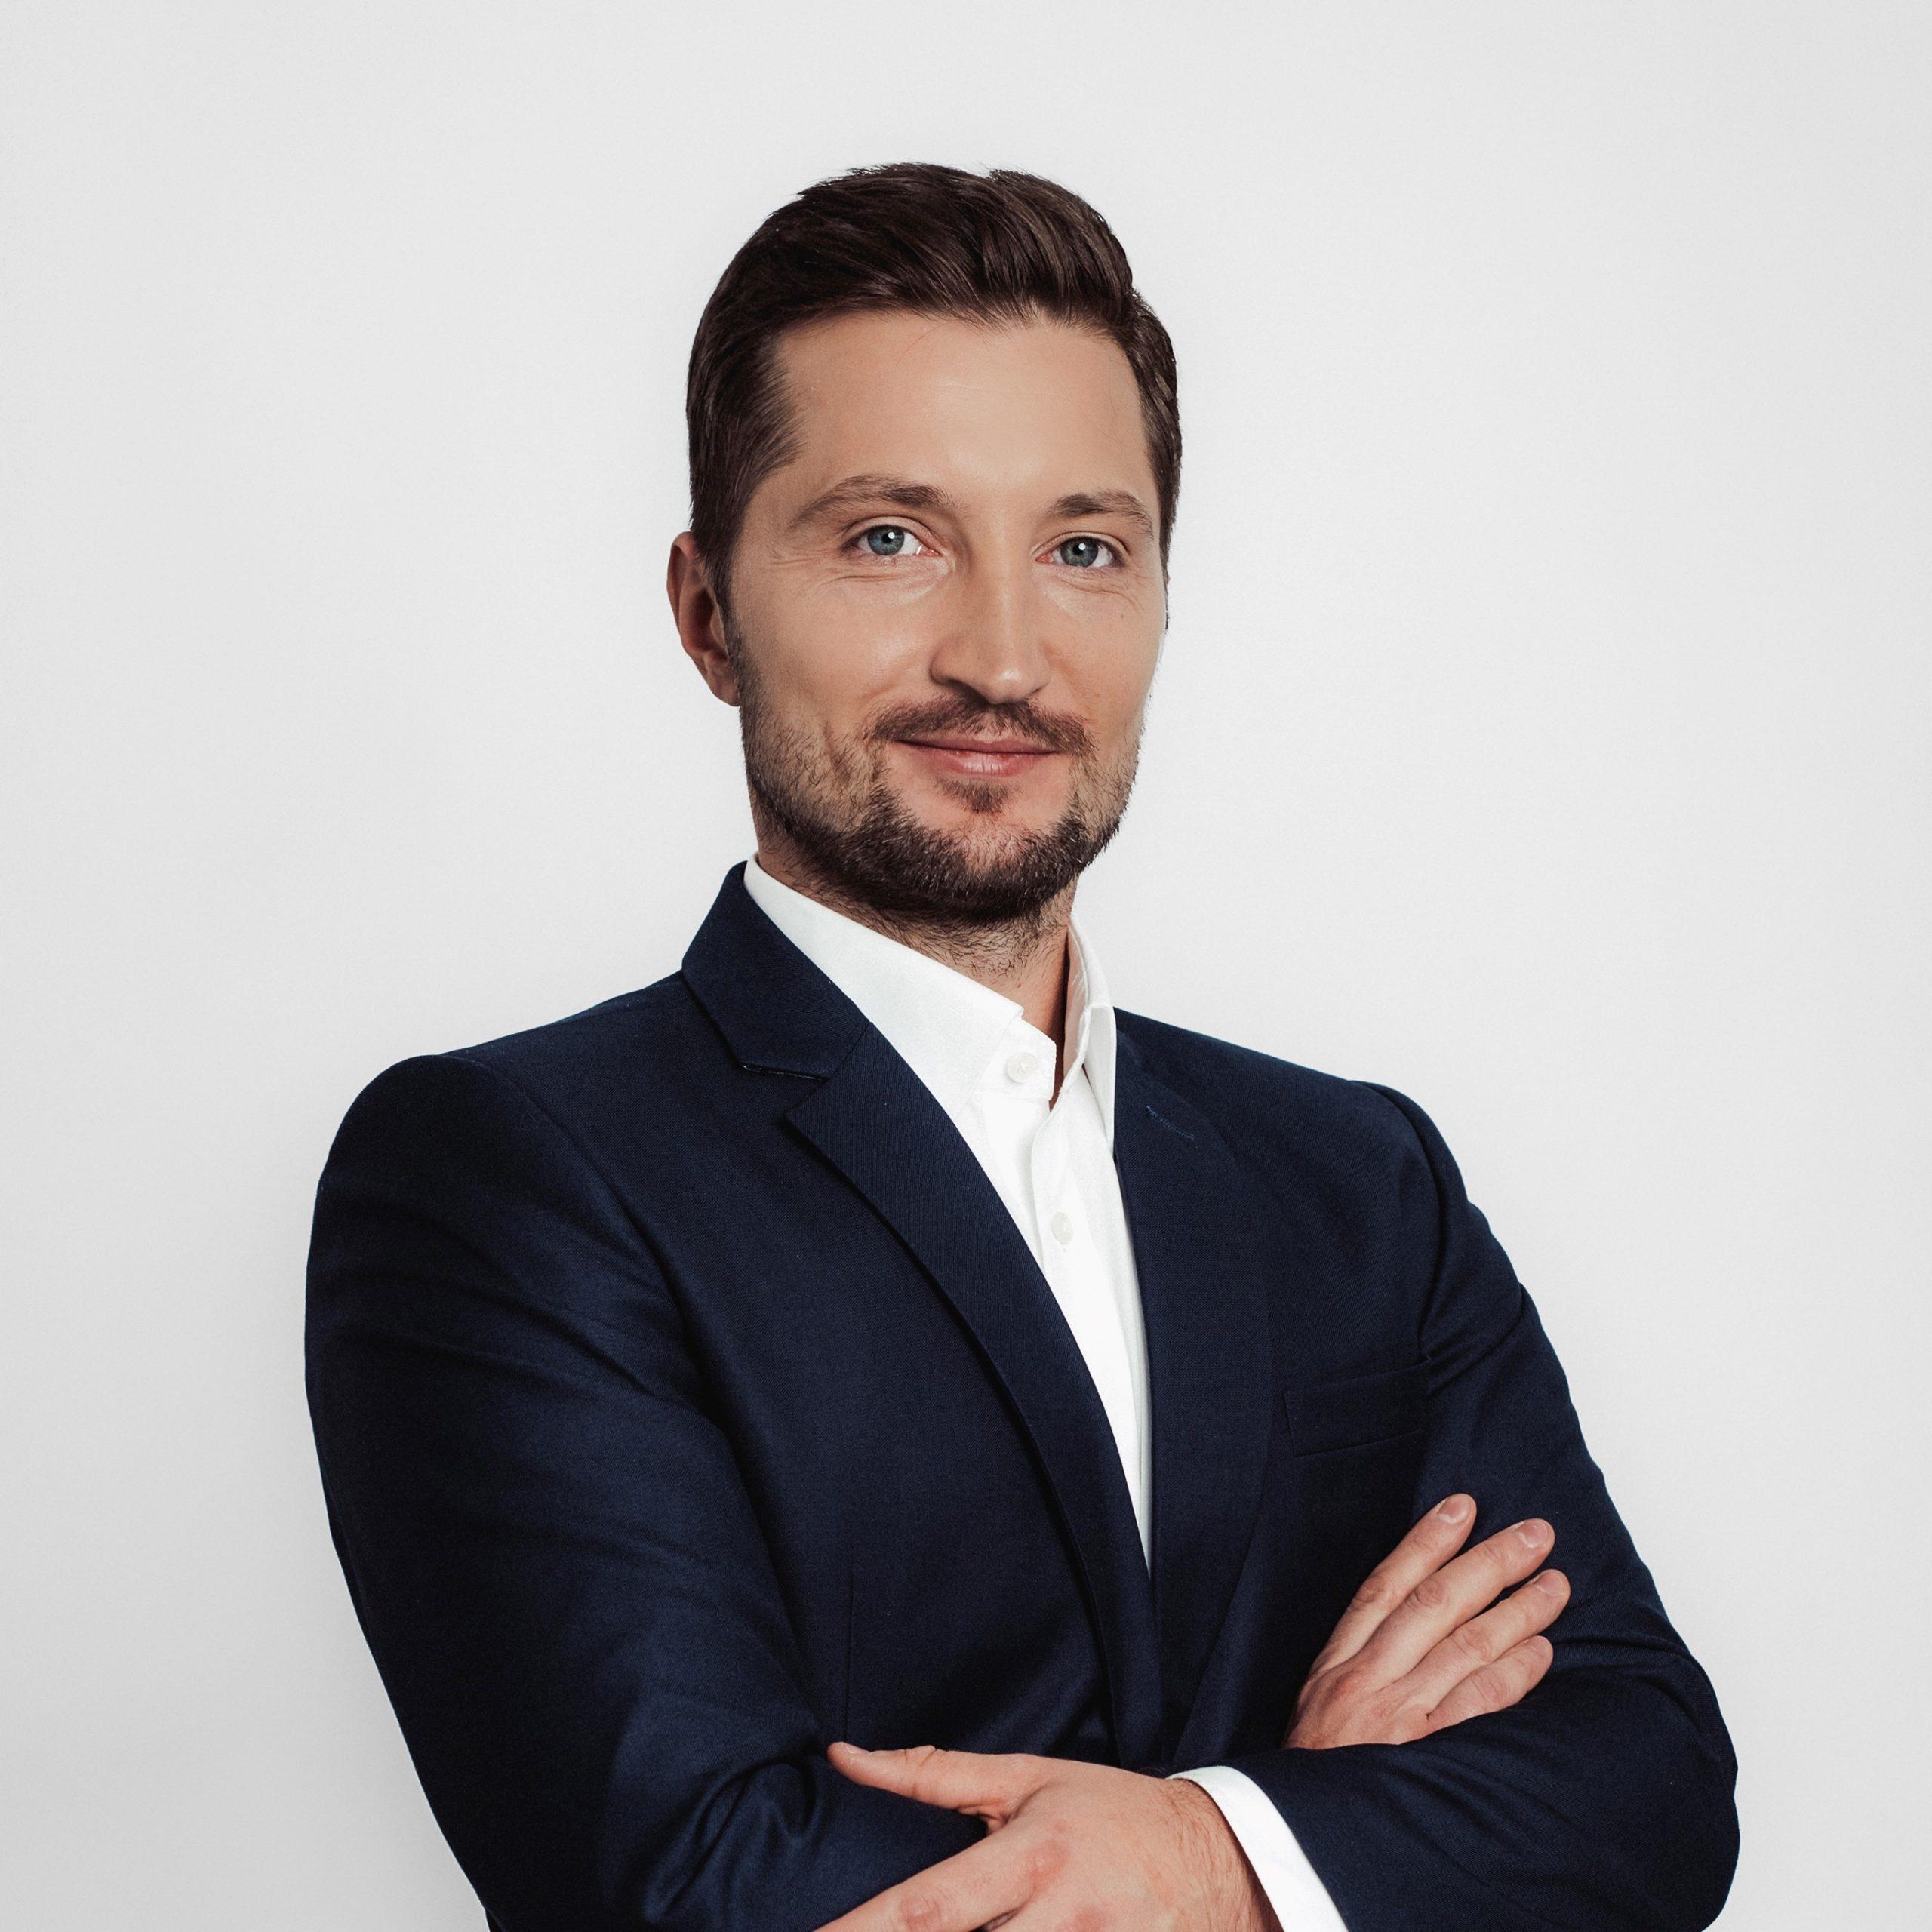 Jakub Niedźwiecki